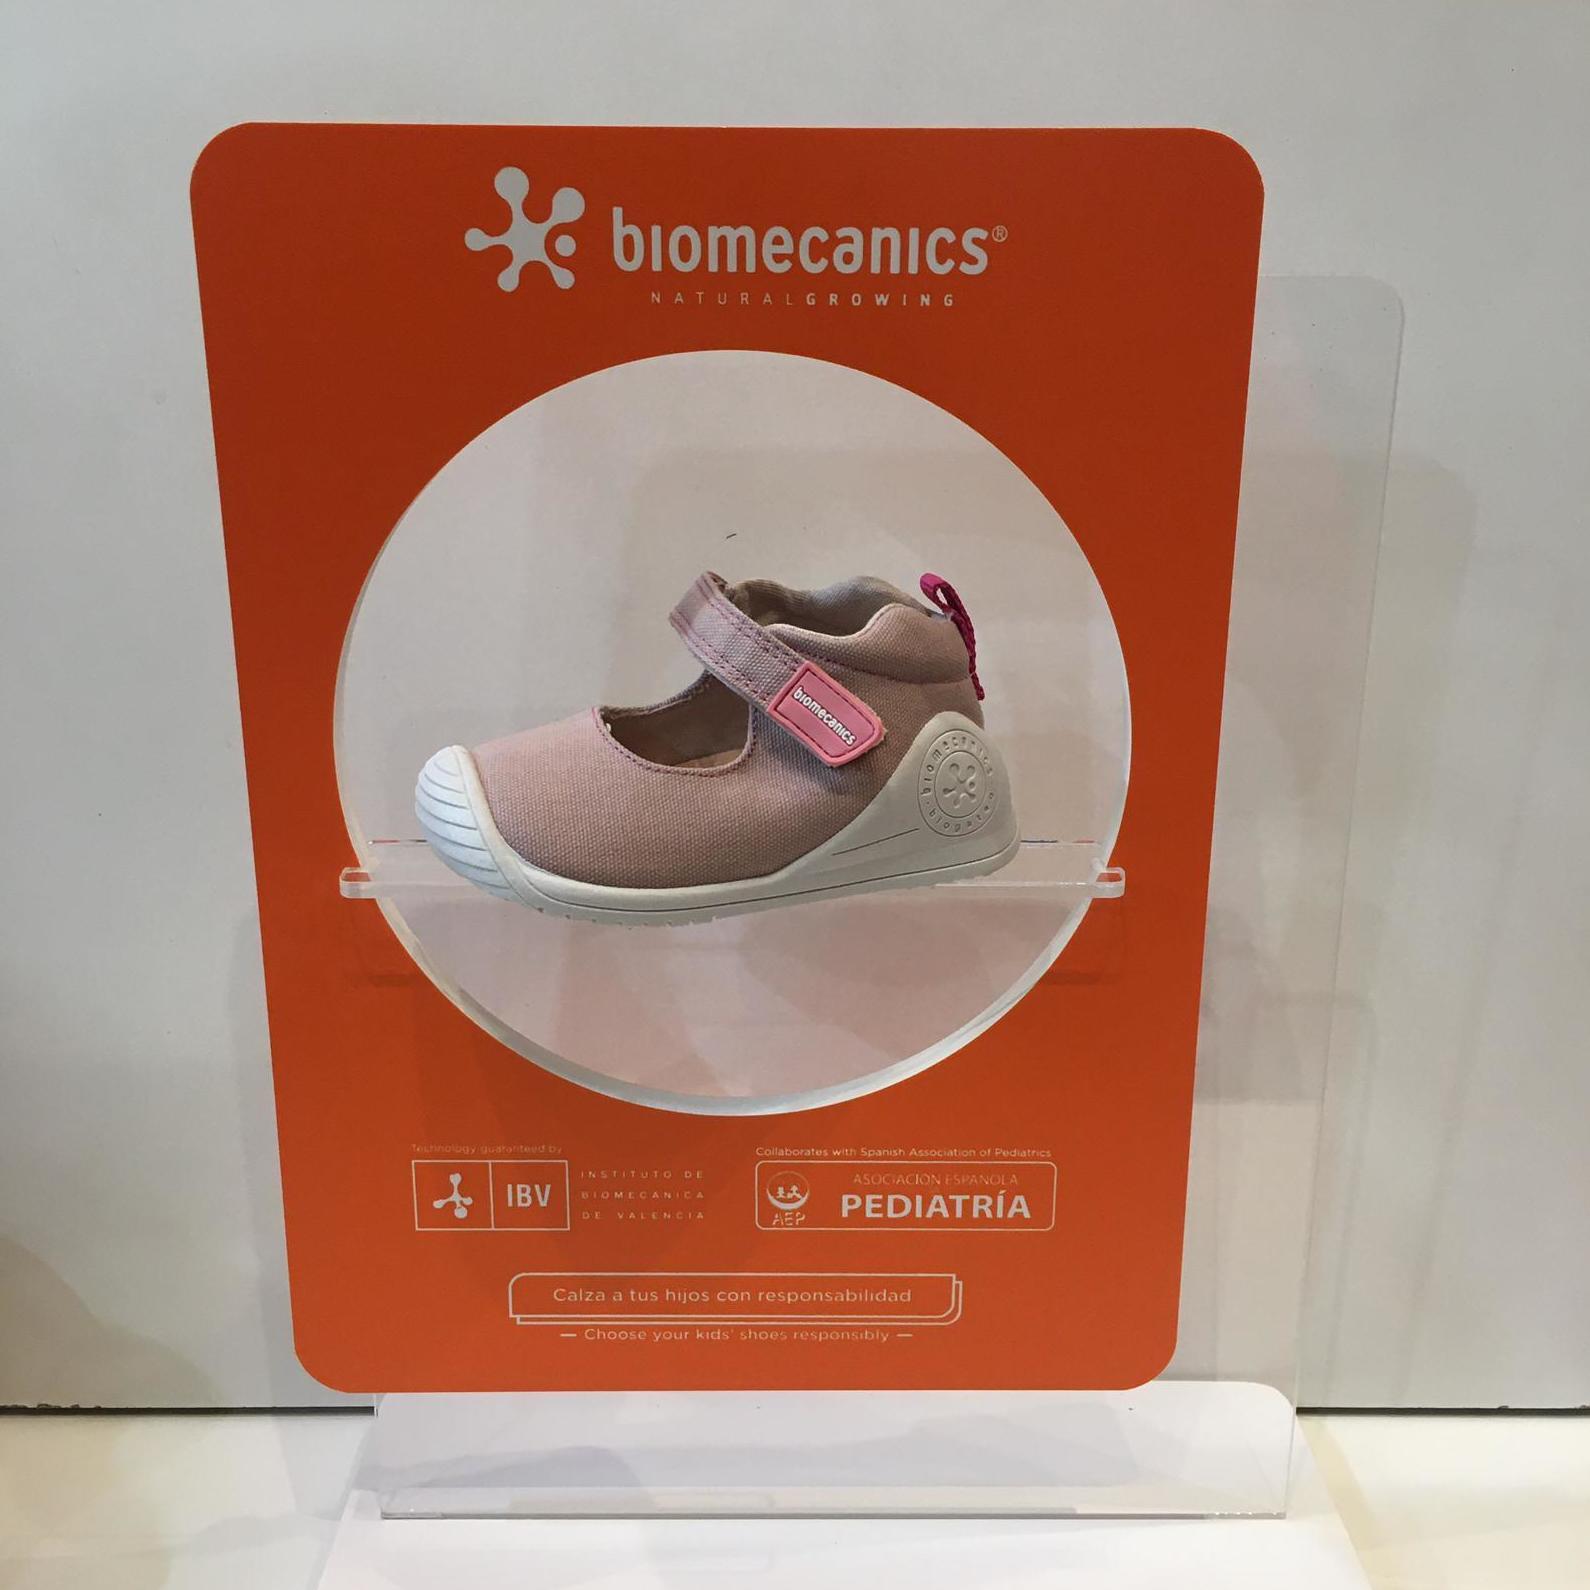 Merceditas de mainada de la marca Biomecanics, gamma biogateo, de roba, contrafort ideal per a no regirar-se els turmells, sola ideal per a caminar i gatejar 34.90€